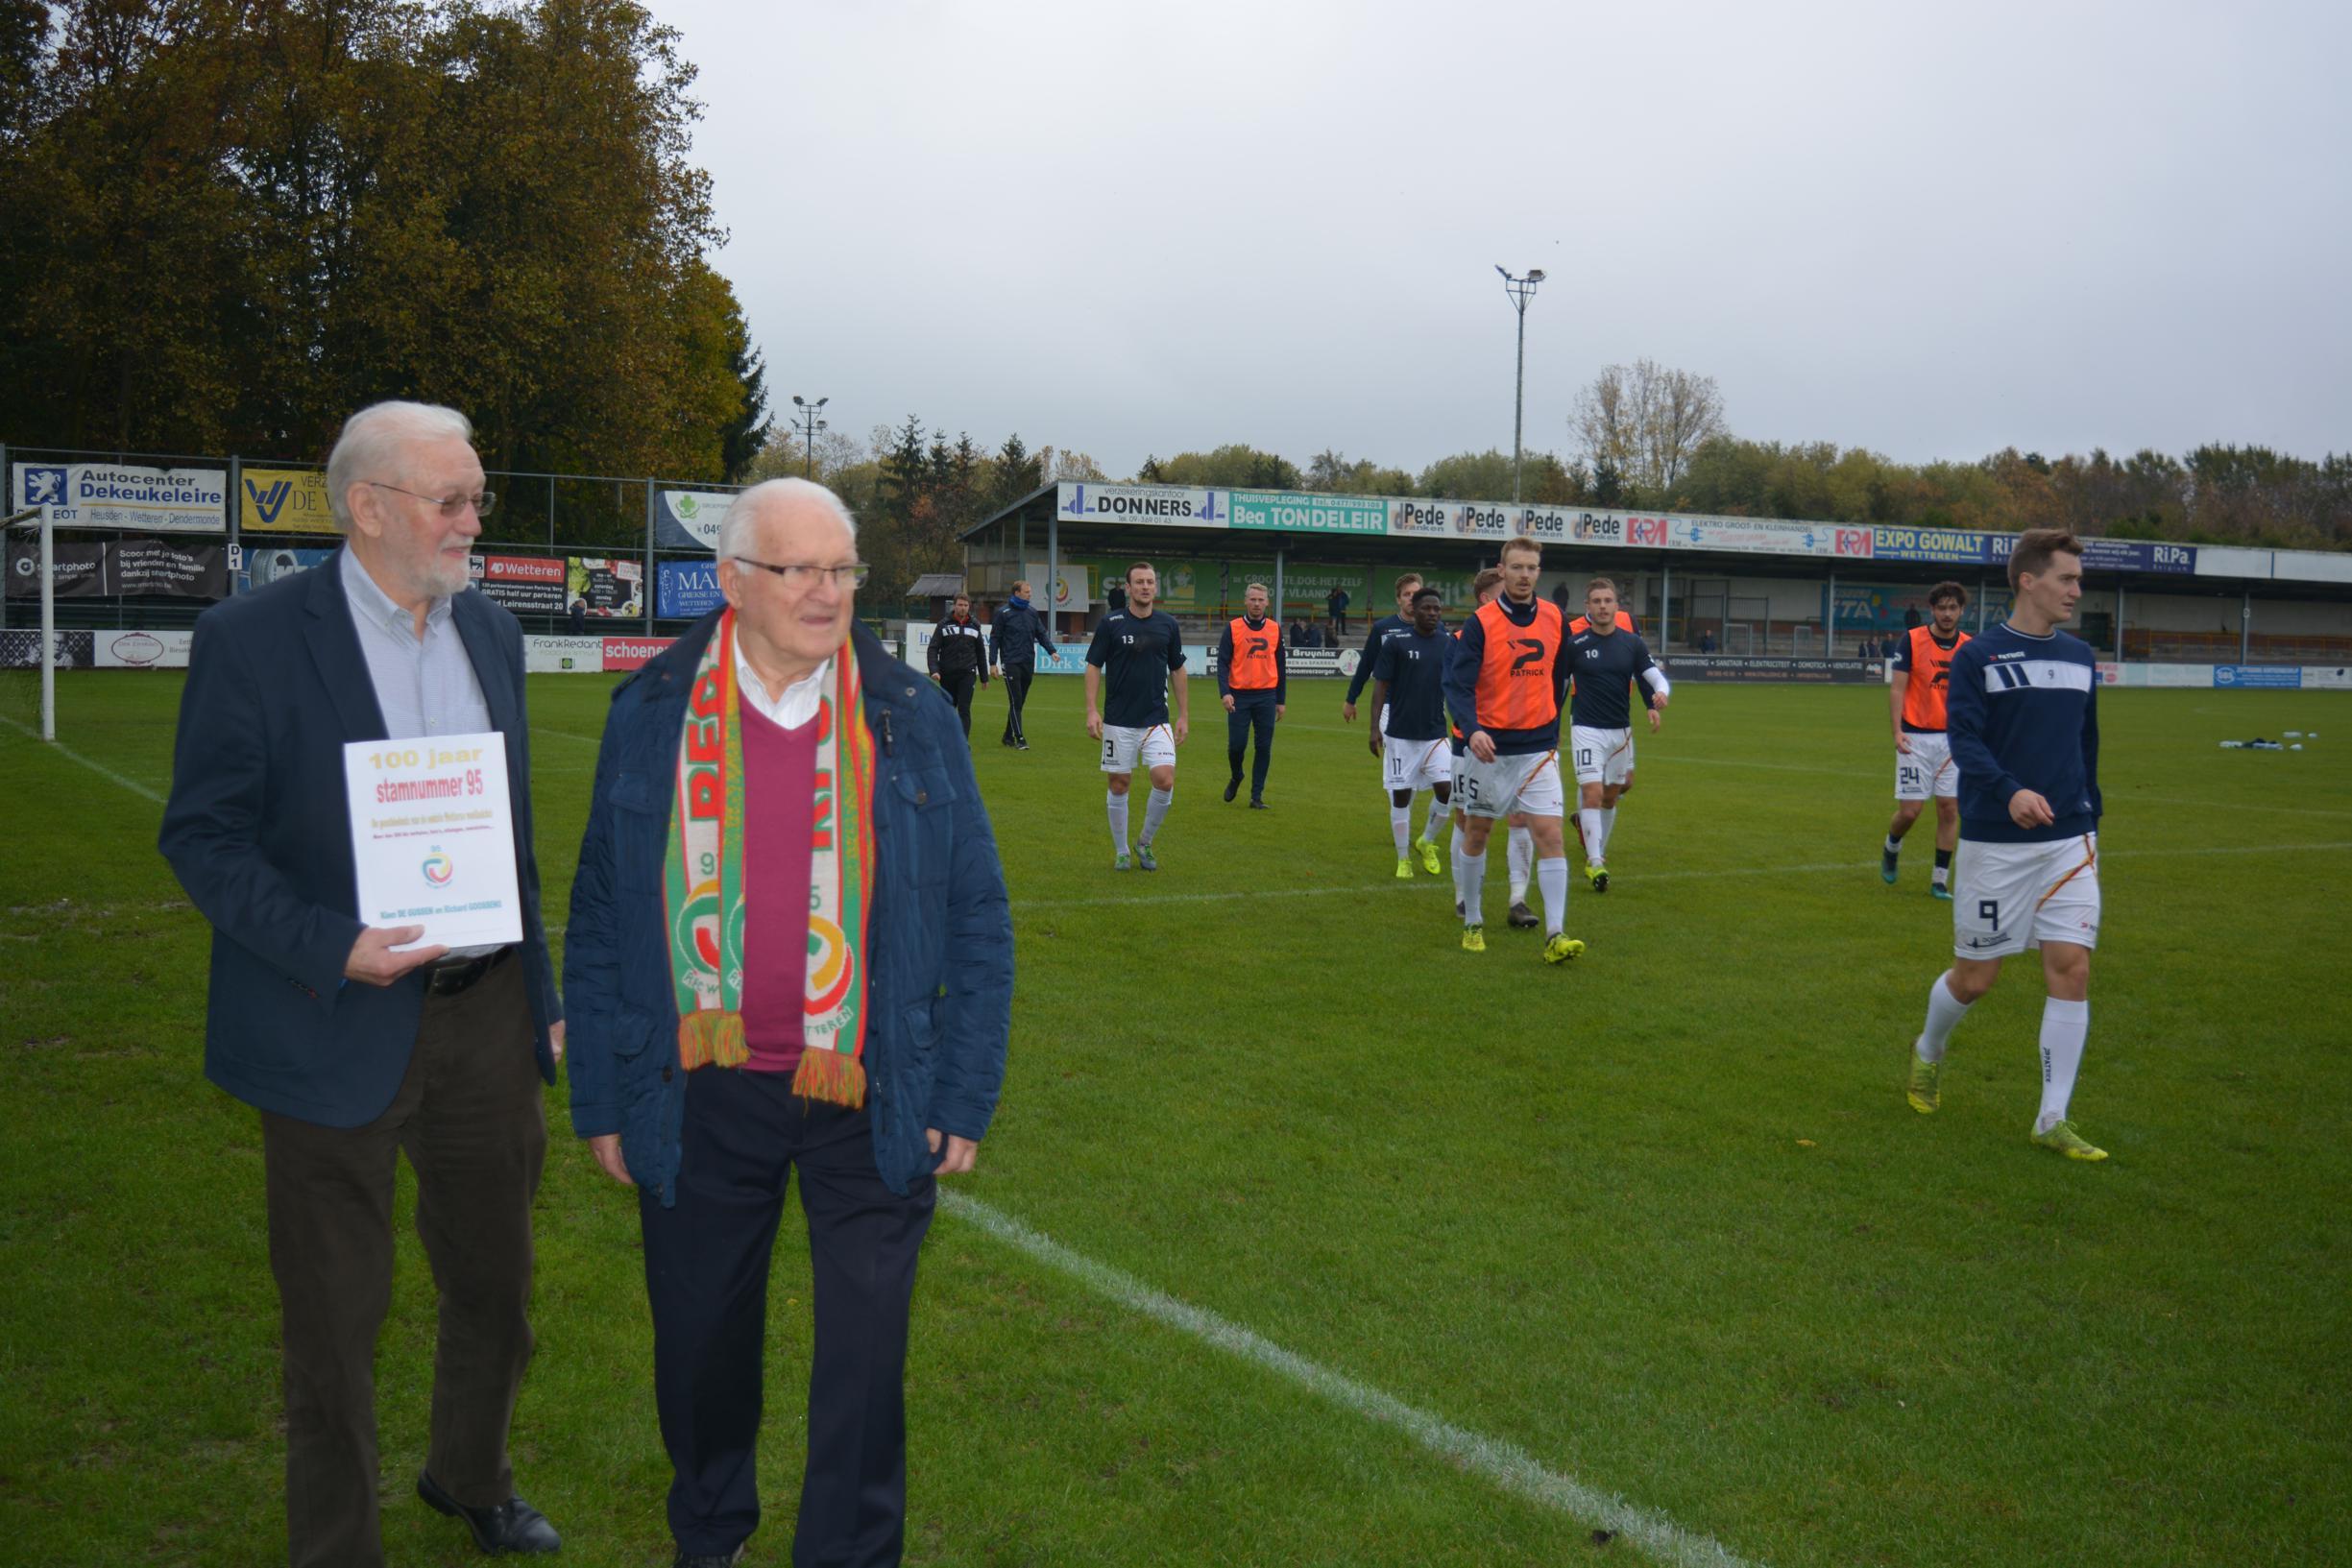 Beelden geven geheimen van oudste voetbalclub prijs (Wetteren) - Het Nieuwsblad